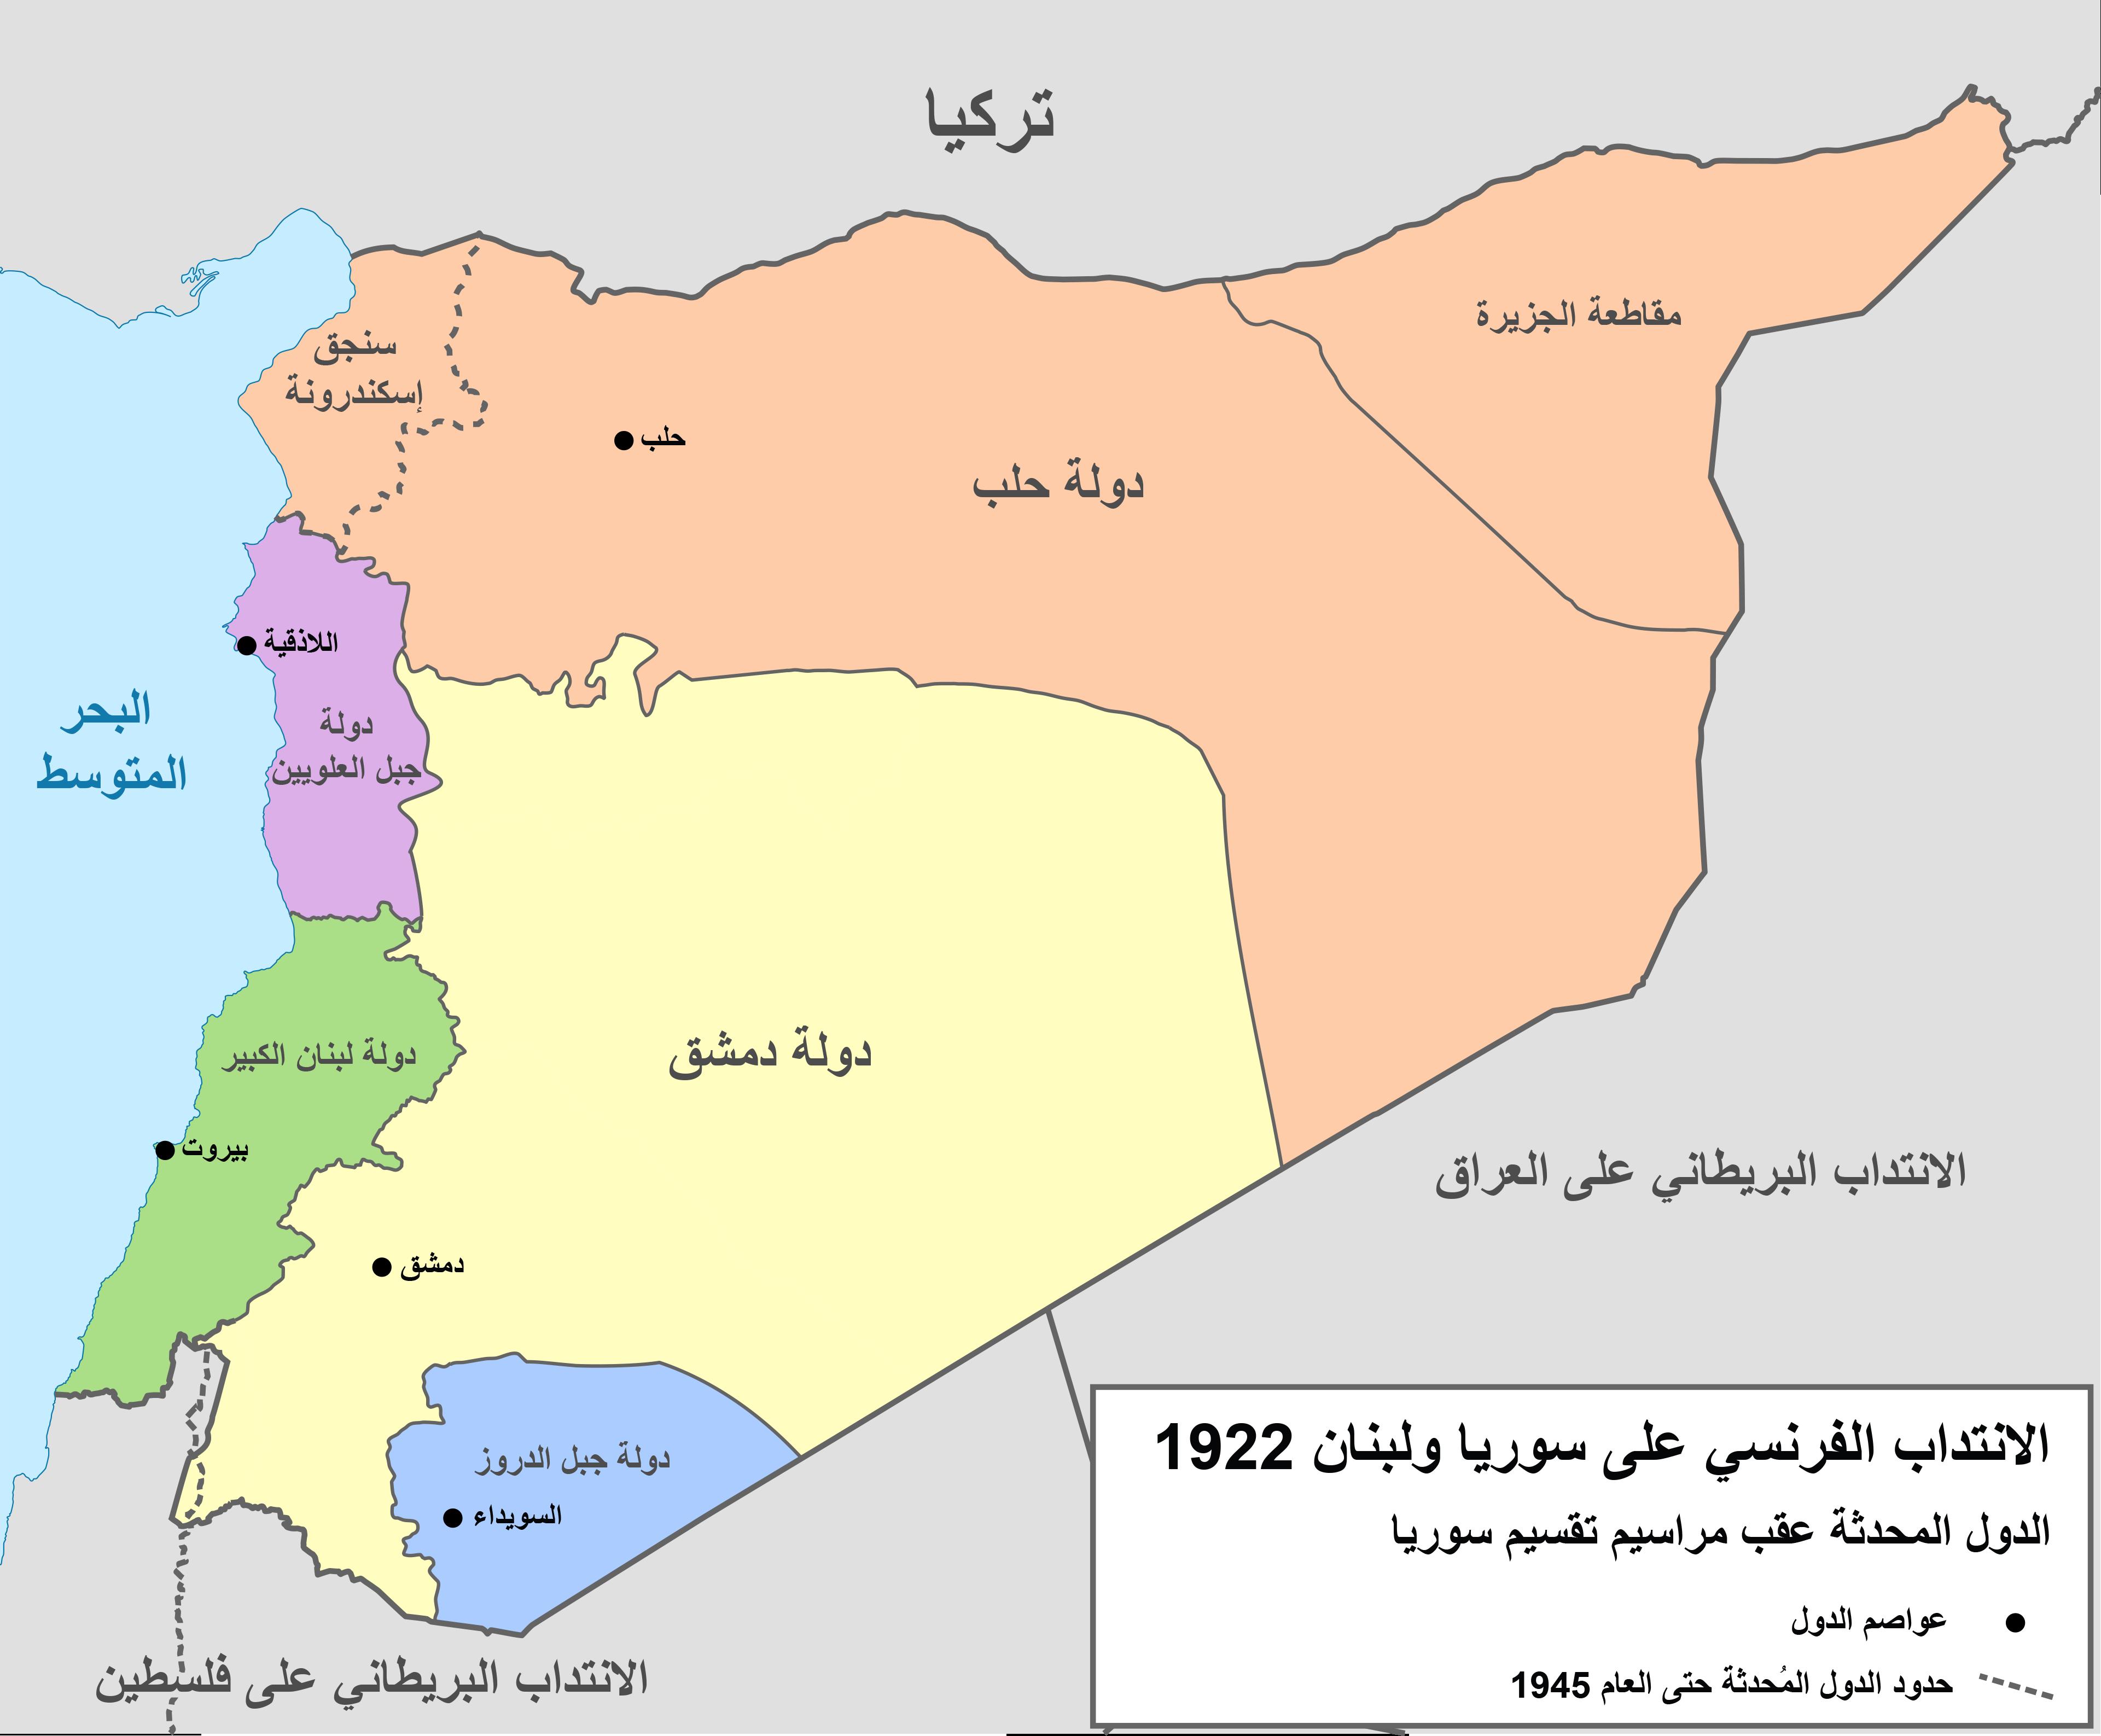 الدويلات السورية ولواء اسكندرون و لبنان الكبير حسب تقسيمات الجنرال غورو